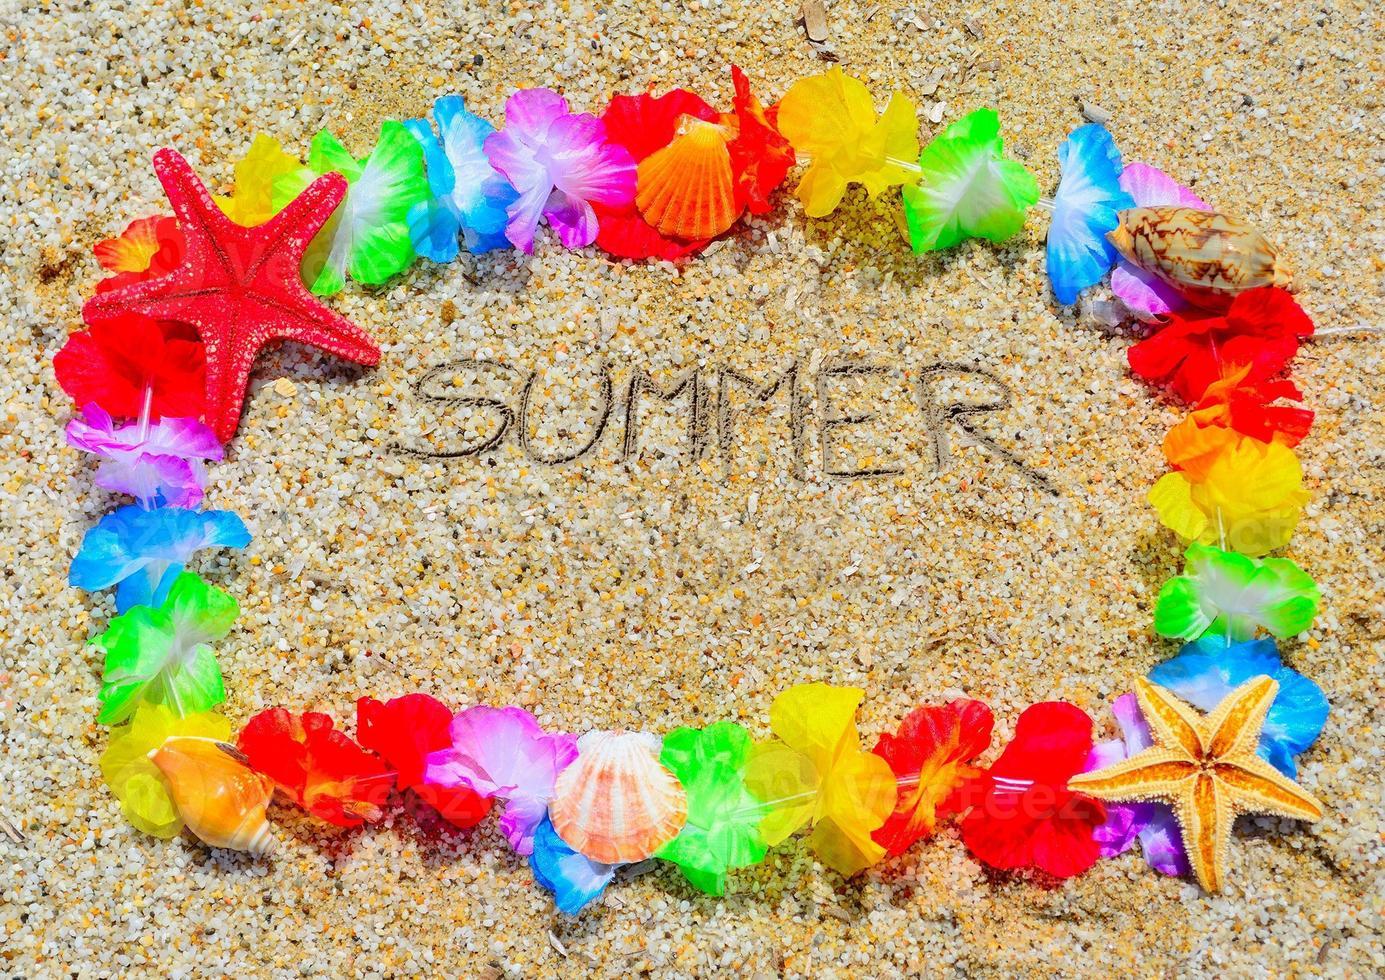 Sommer in einem hawaiianischen Rahmen foto